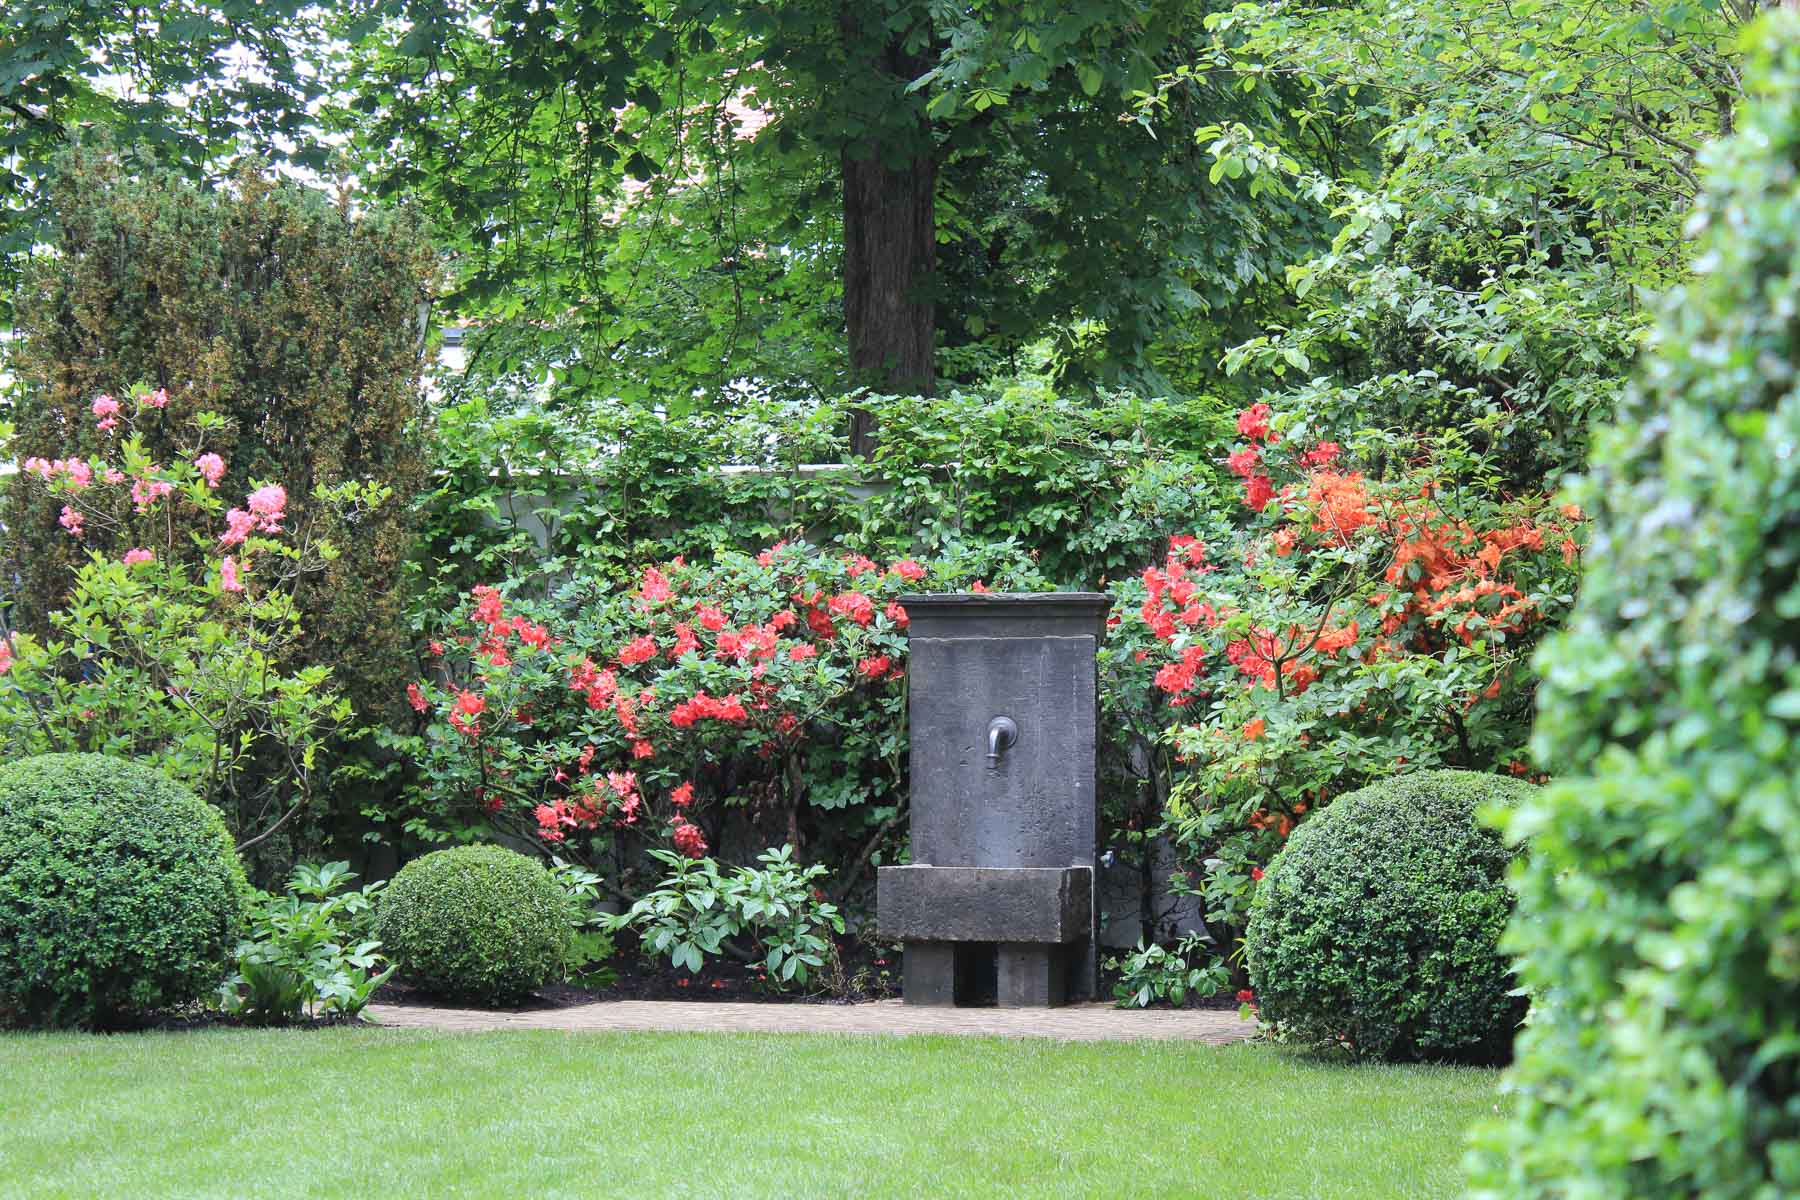 Der Brunnen aus Belgischem Blaustein ist ein Blickpunkt am Ende der Rasenfläche.